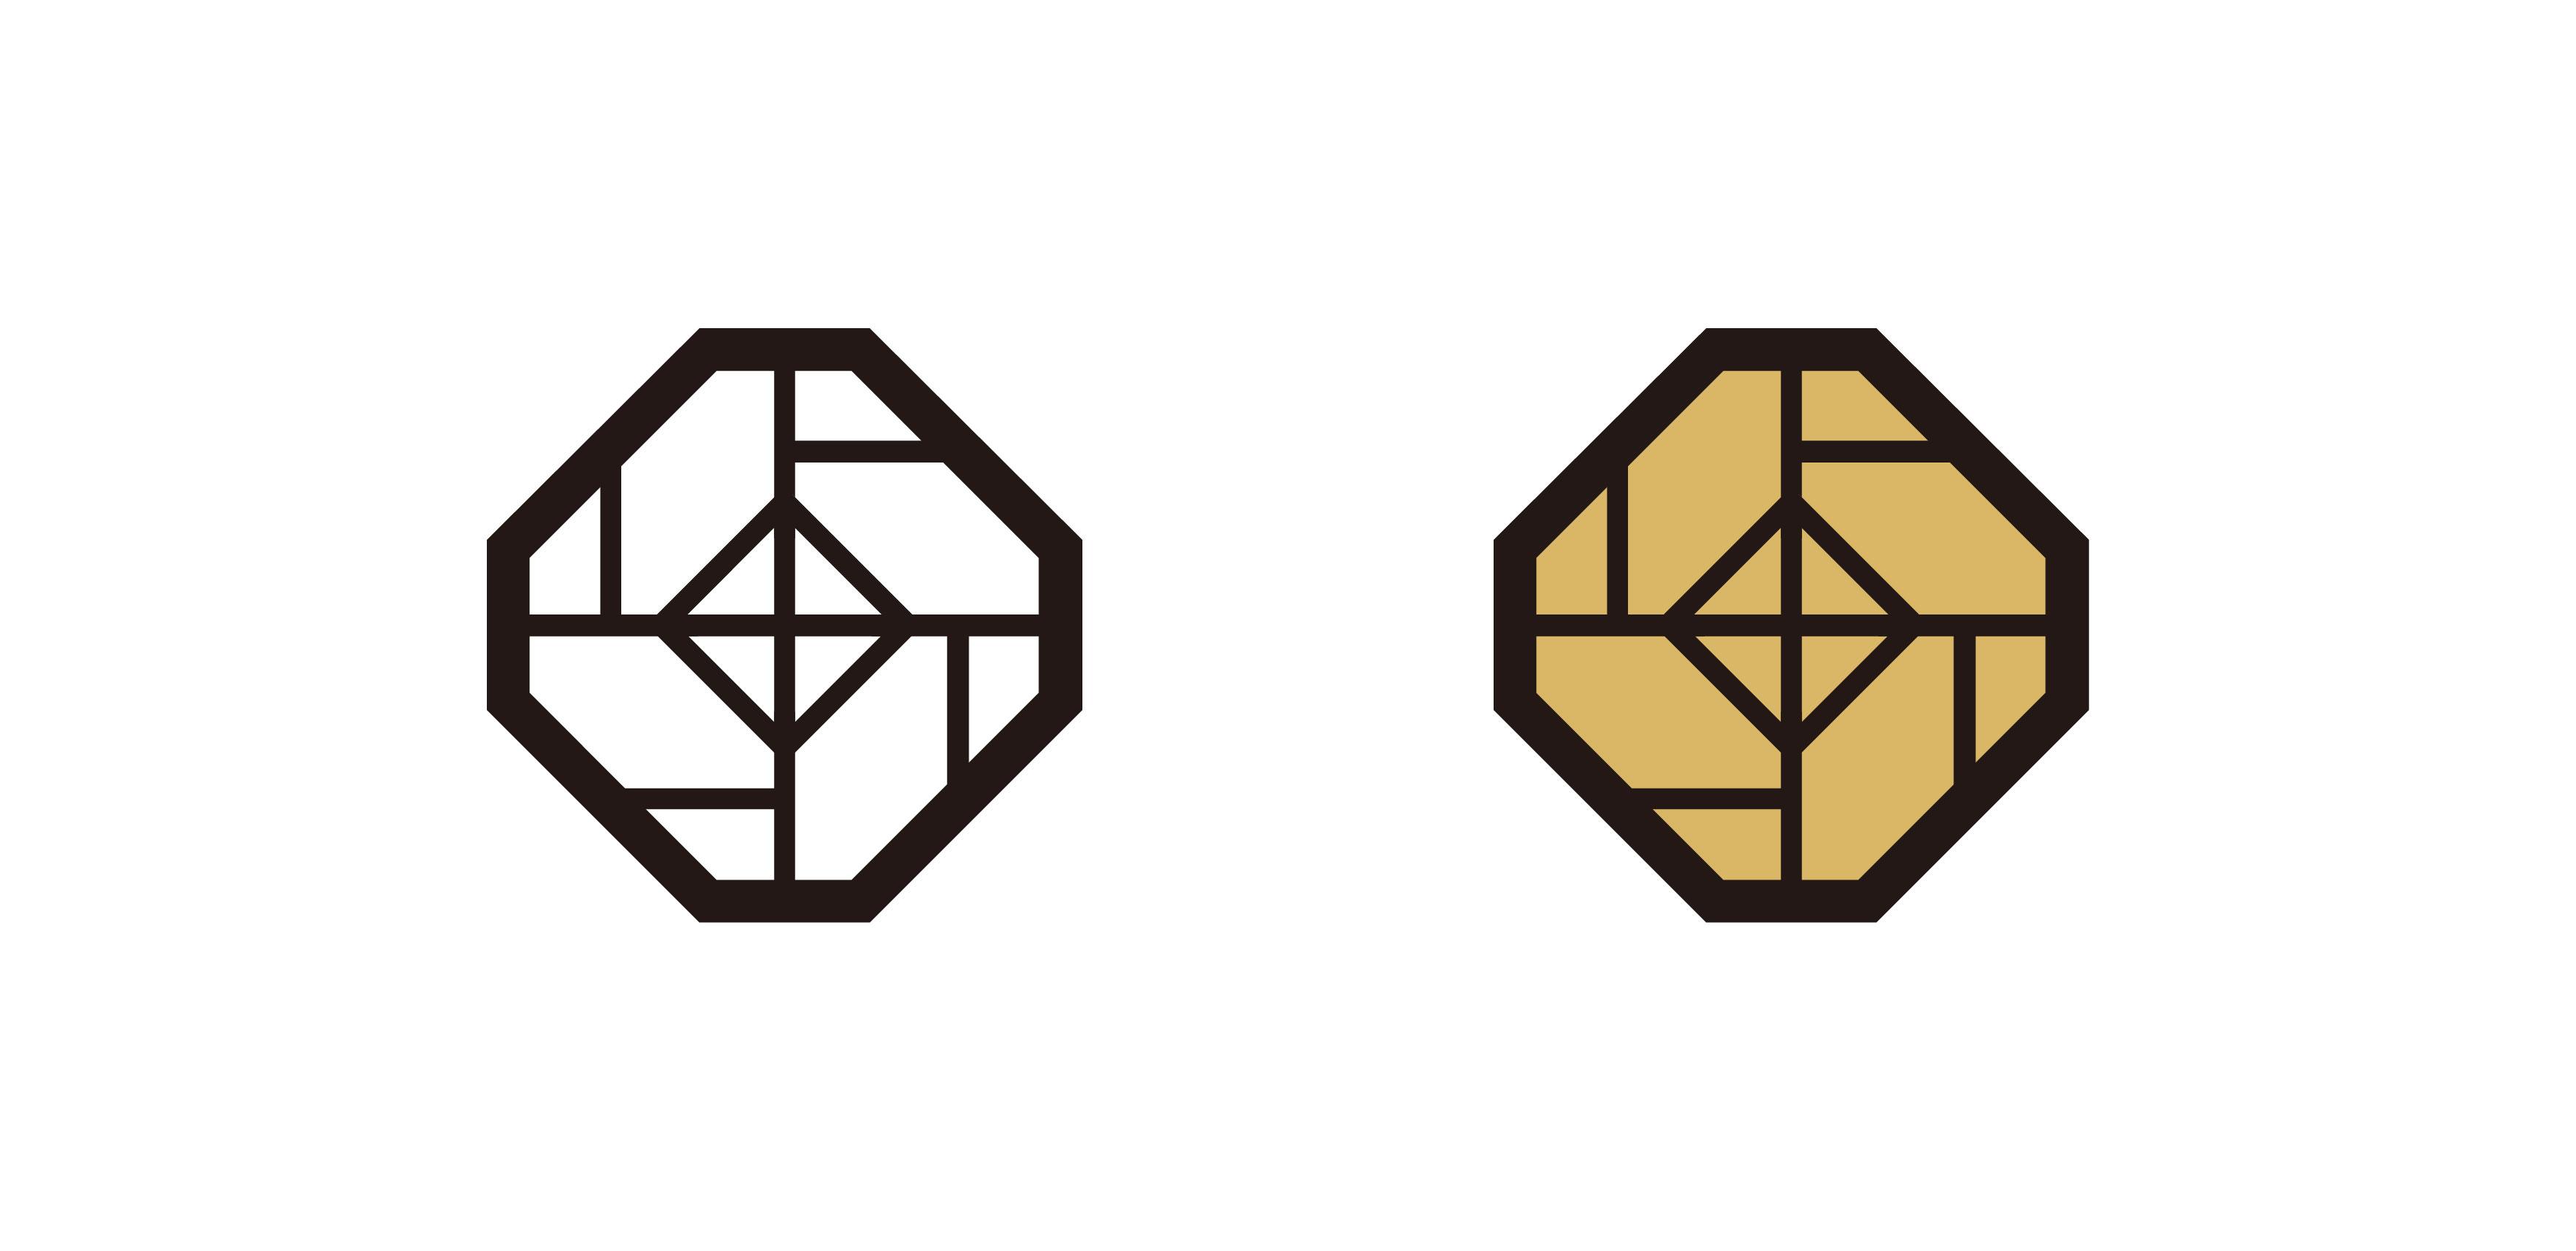 超级符号-01.jpg